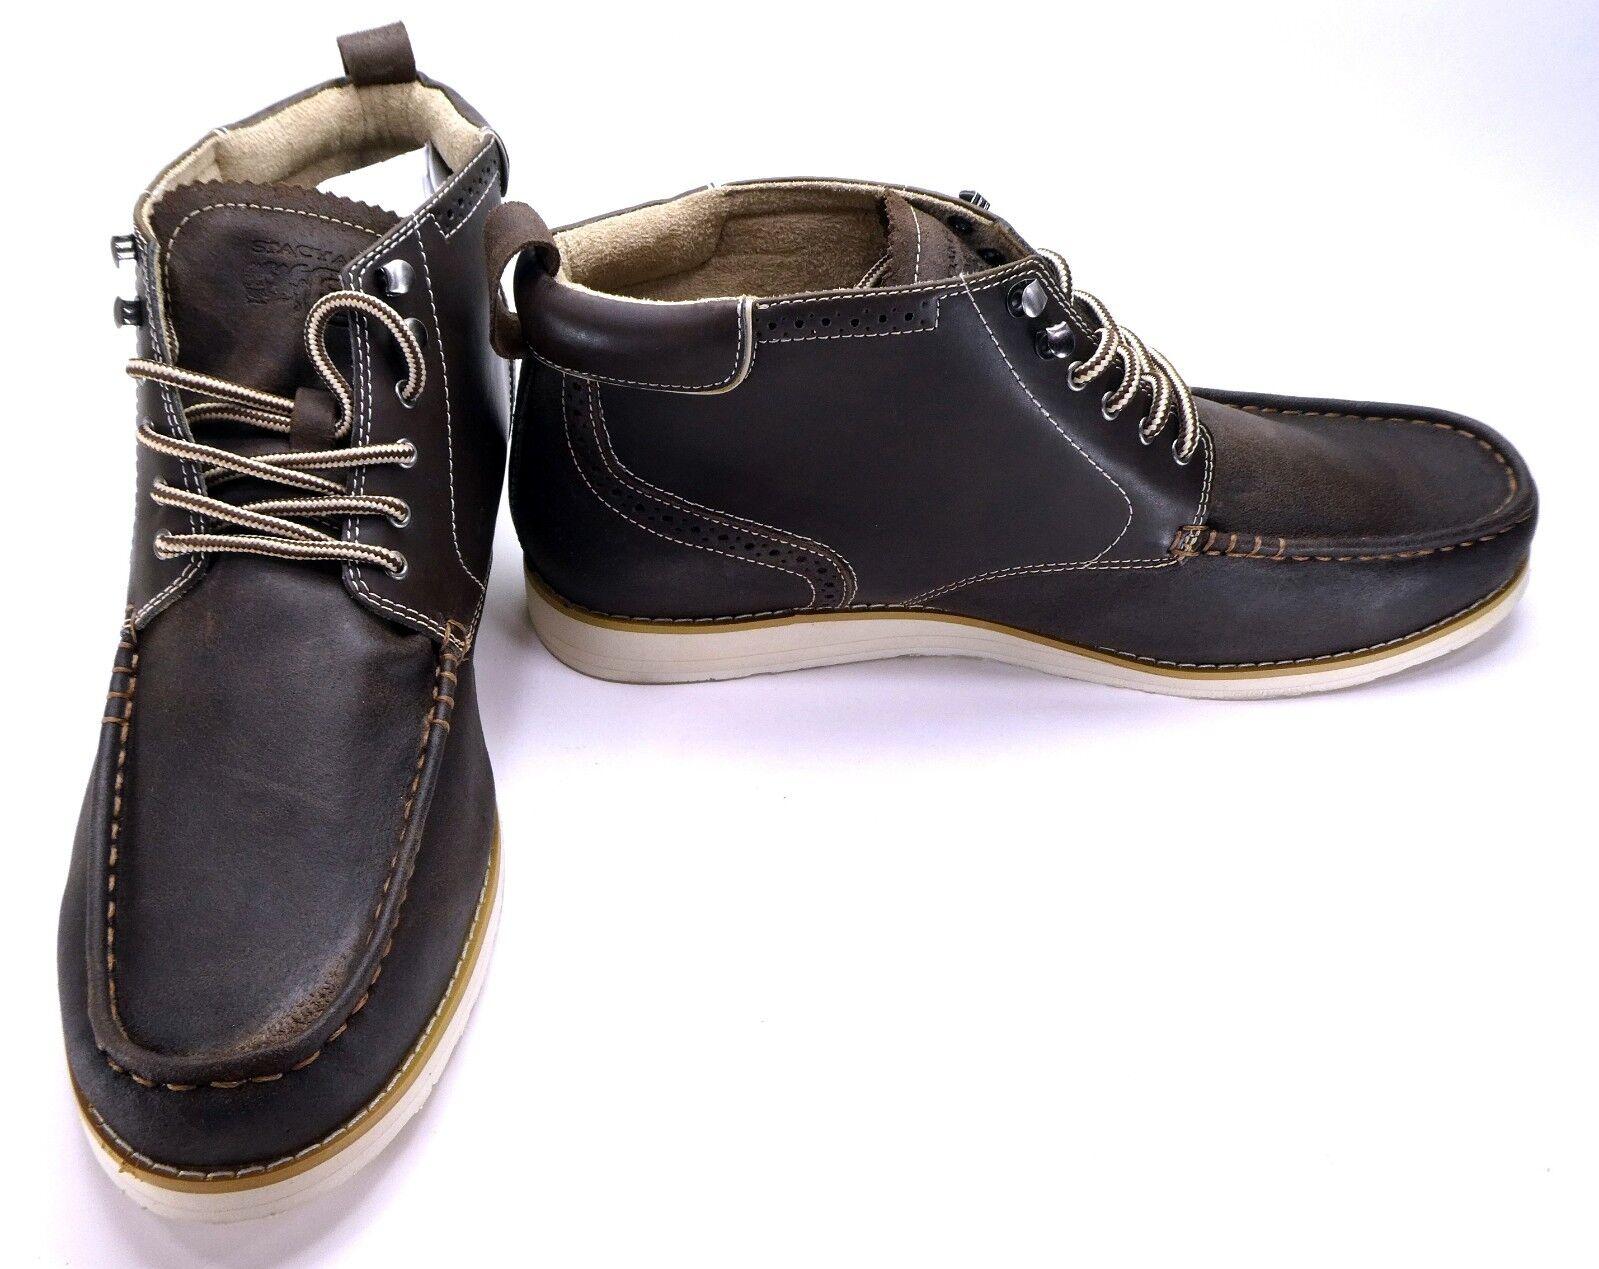 Stacy Adams Zapatos Tenis Cannon Classic Cuero Marrón